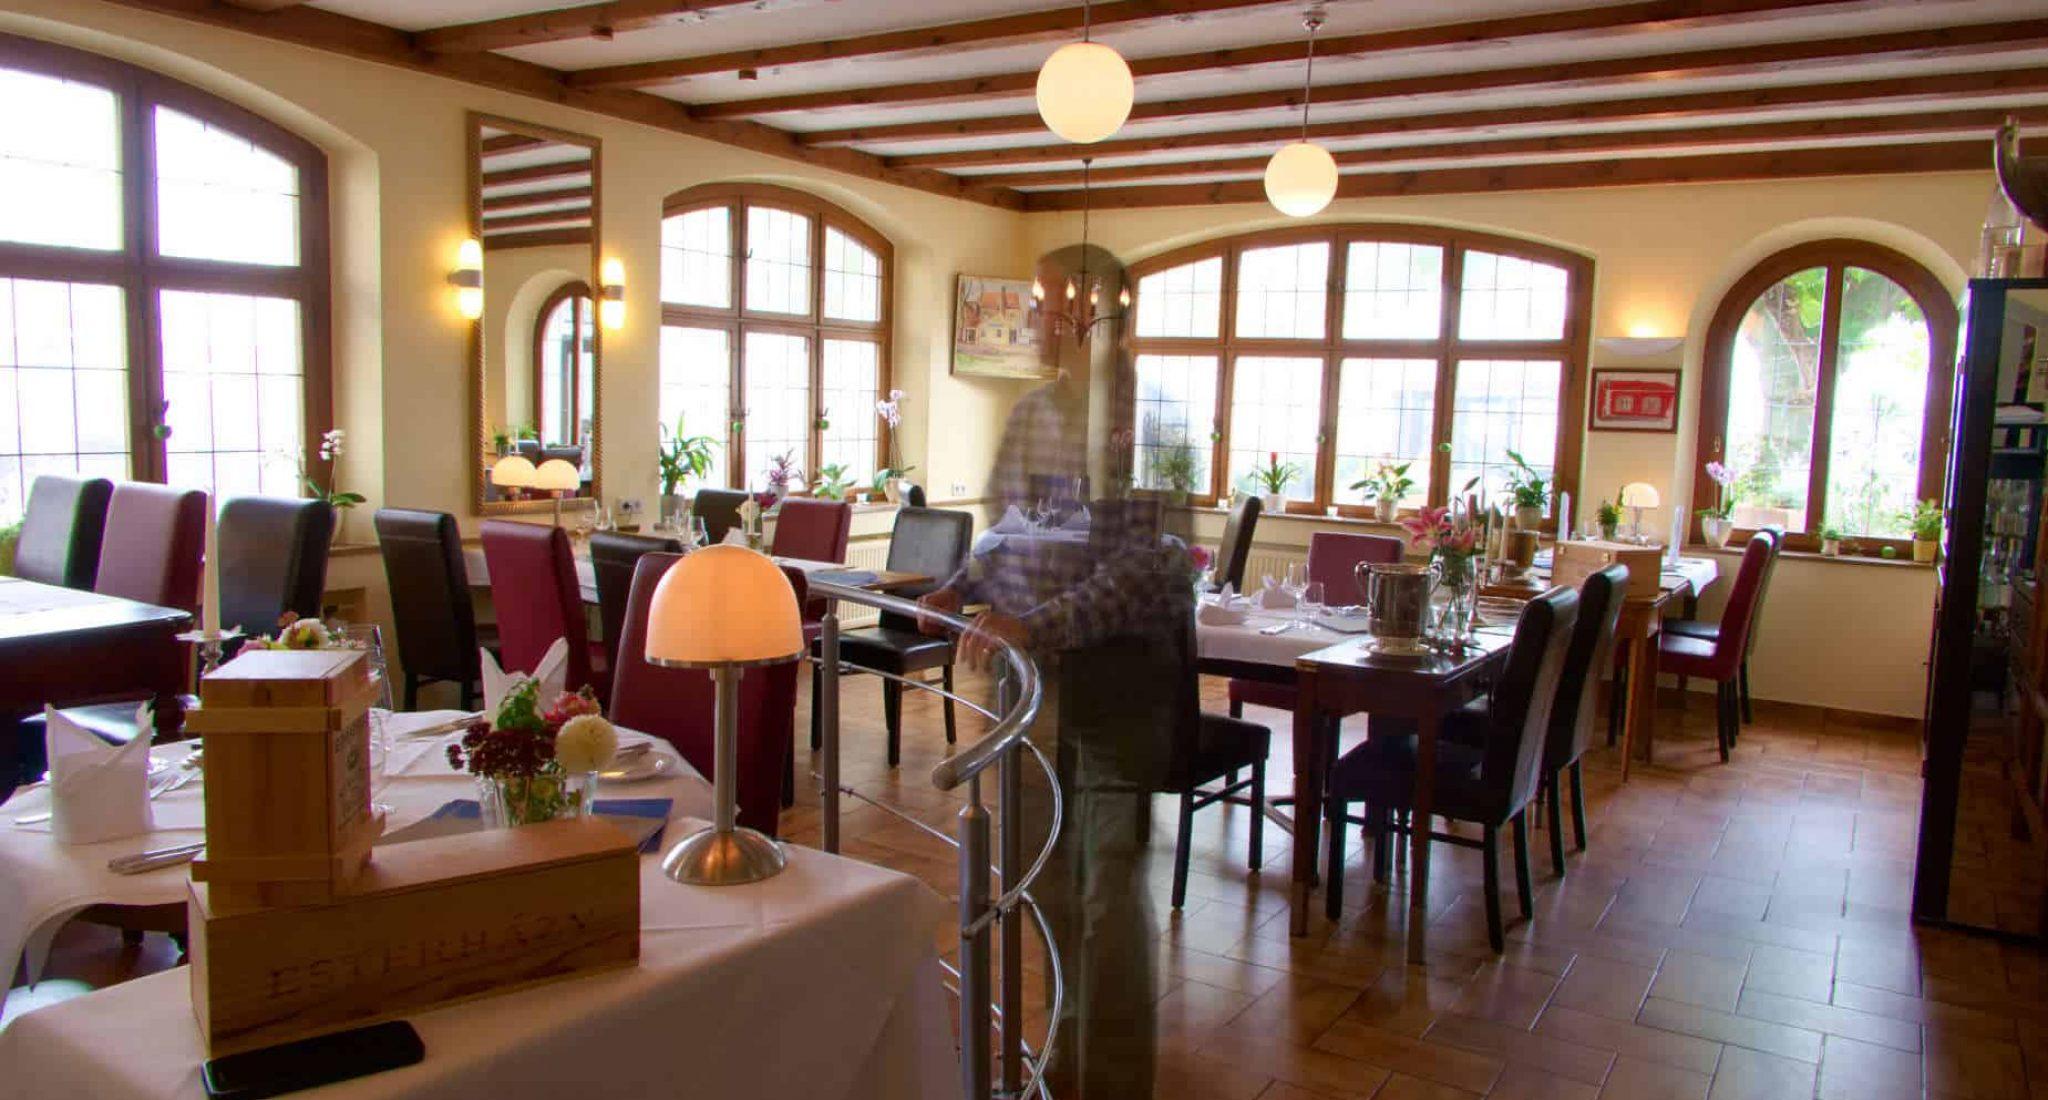 Restaurant3_15.11.2020P1000160